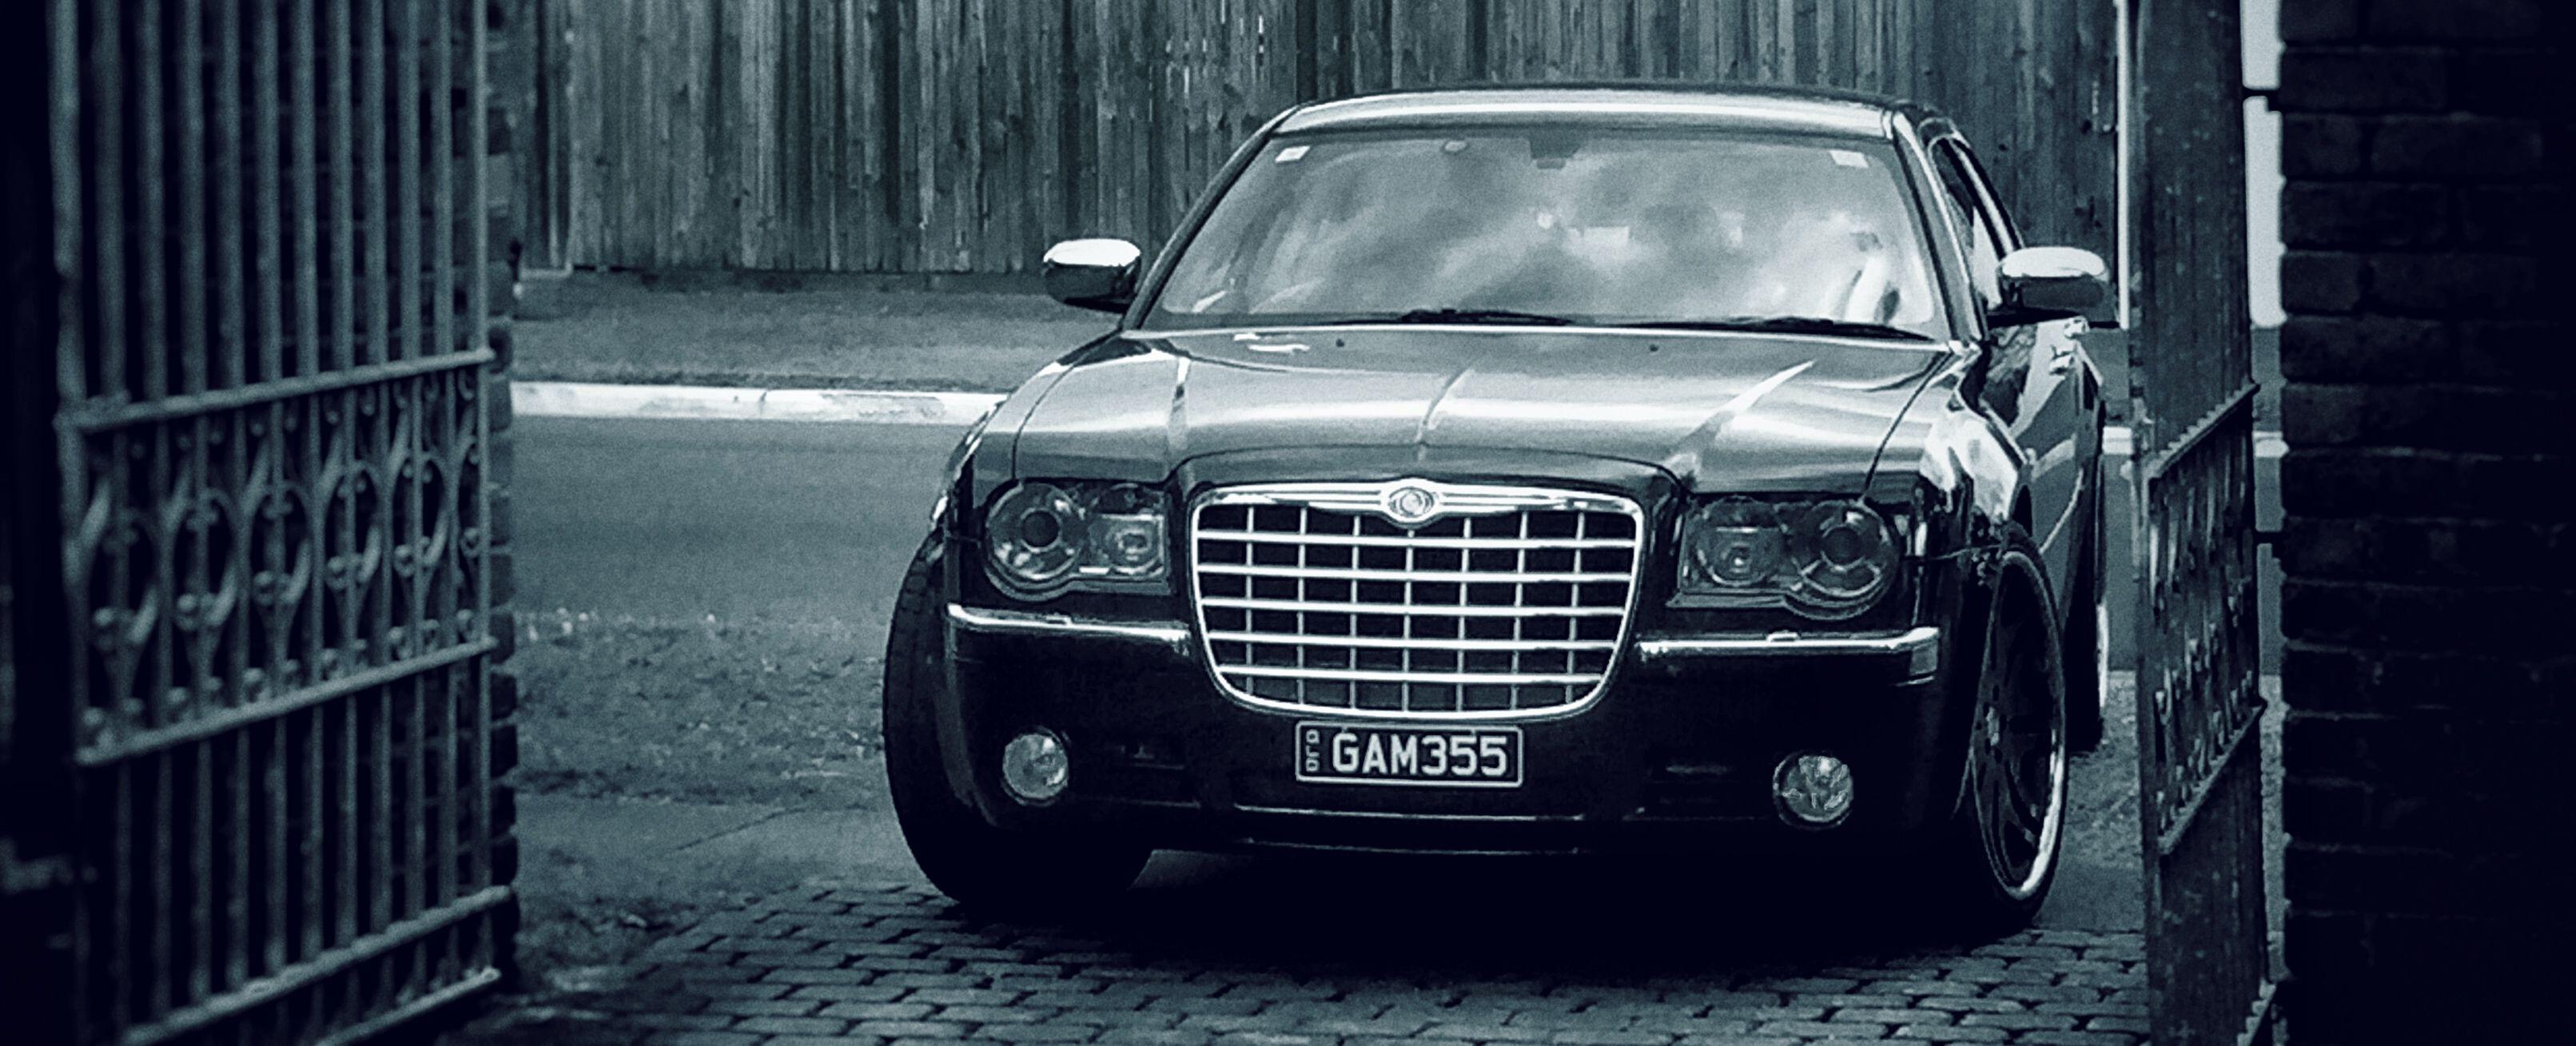 Chrysler 300c Hemi 5 7l V8 With Images Chrysler 300c Hemi